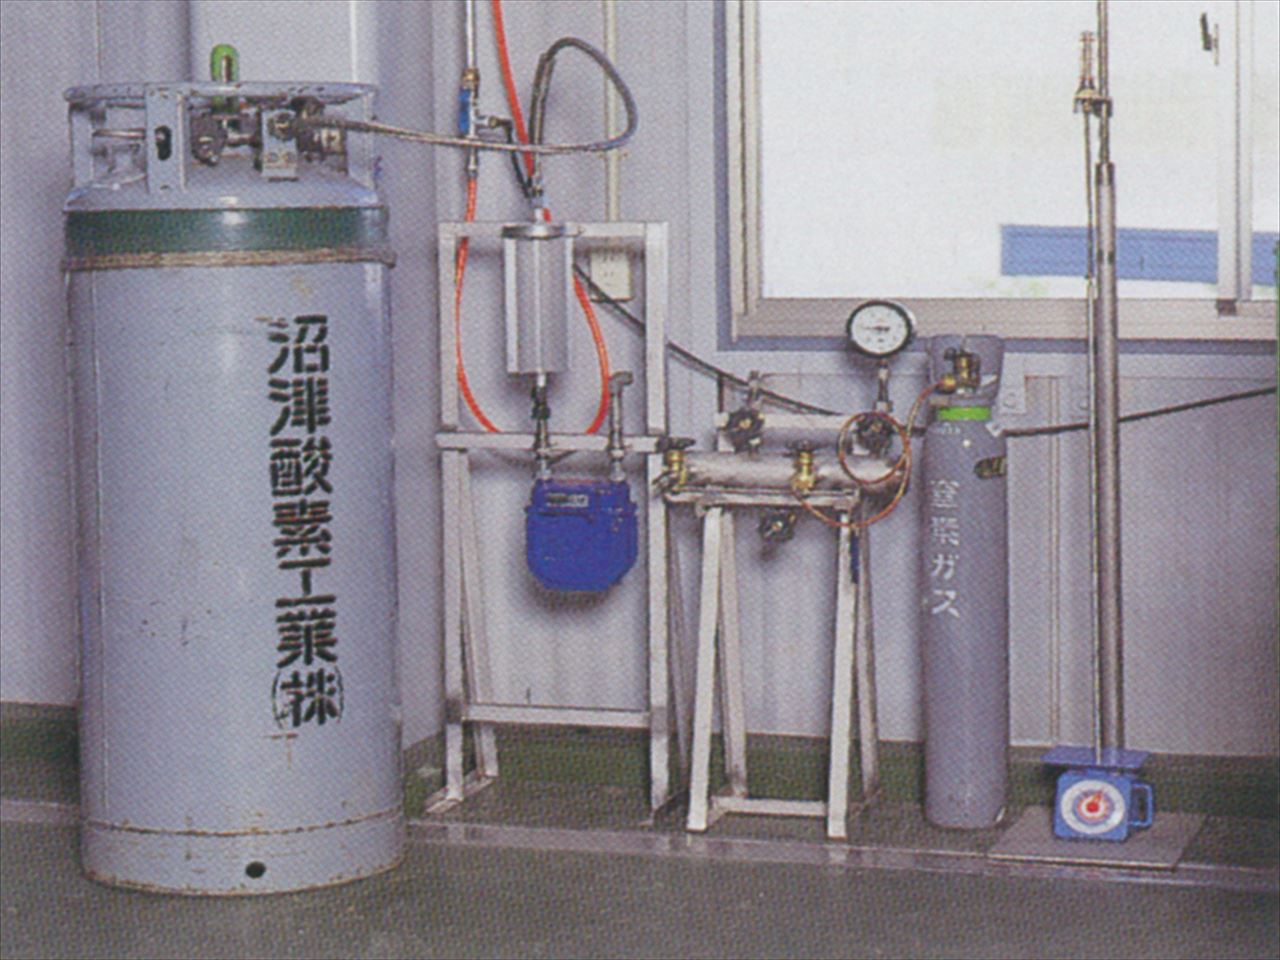 LGC容器検査装置